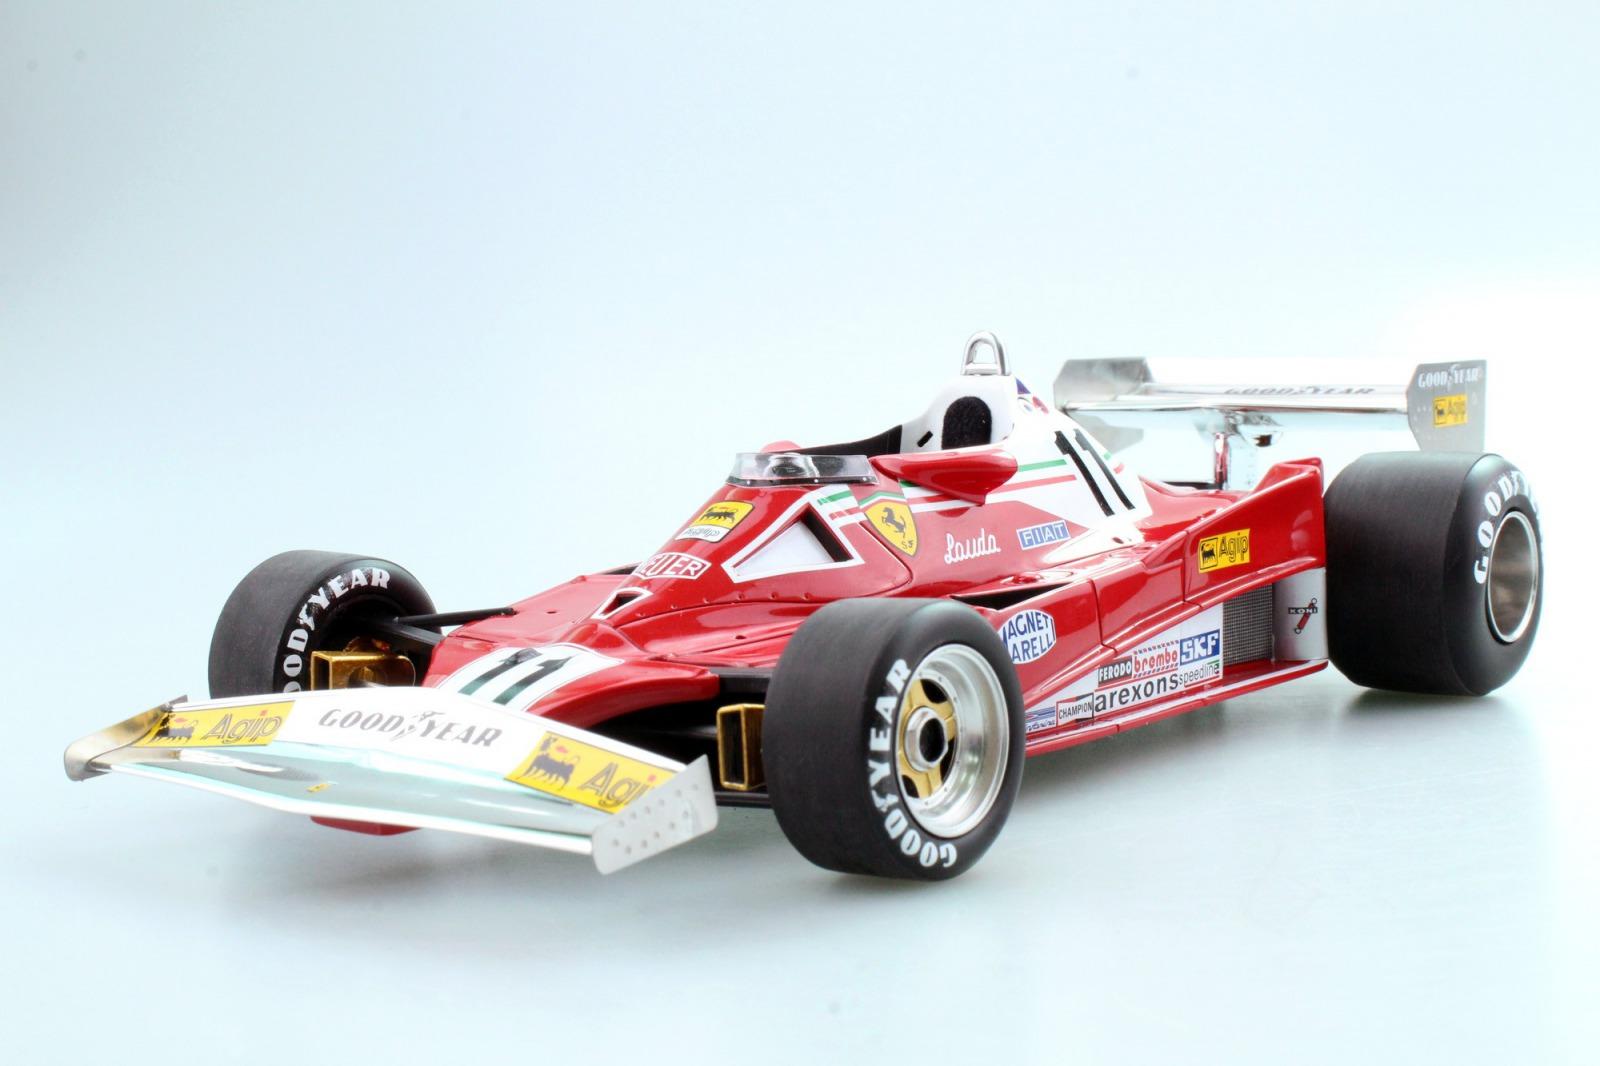 GP Replicas 1:18レジン・プロポーションモデル 1977年後期シーズン フェラーリ F1 312T2 No.11 Niki Lauda ニキ・ラウダFERRARI - F1 312T2 N 11 SEASON 1977 NIKI LAUDA 1/18 by GP Replicas NEW